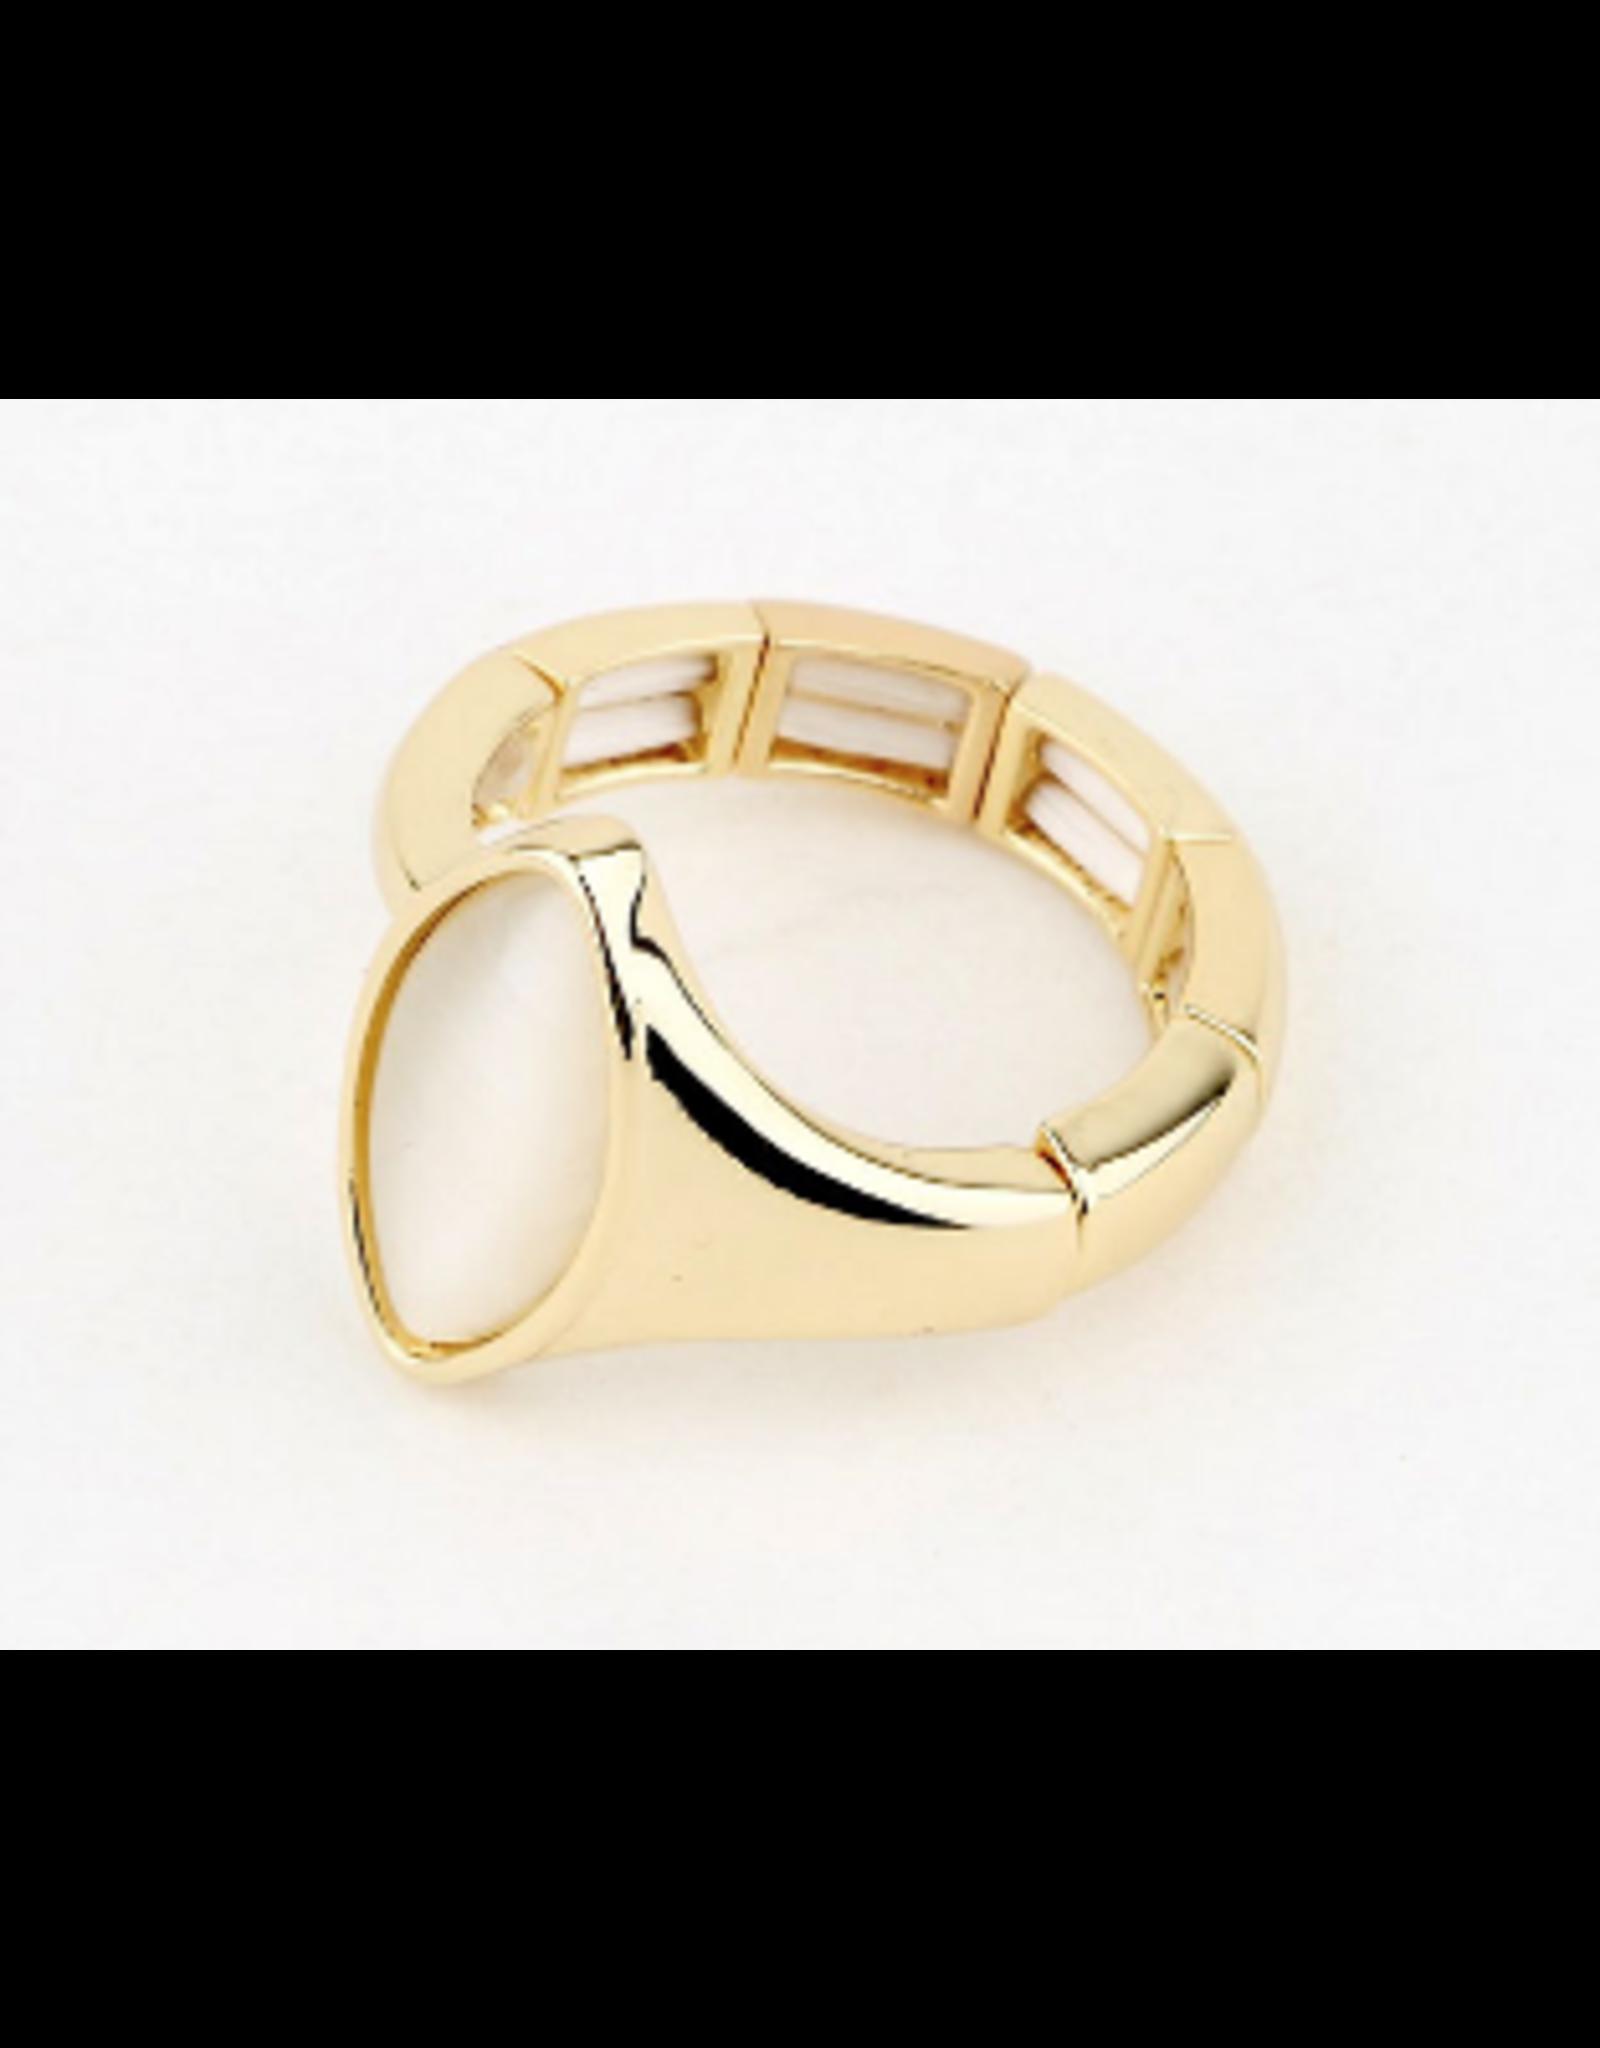 Axxes-Soir Ring - 1 maat - op elastiek - goudkleurig met ecosteen